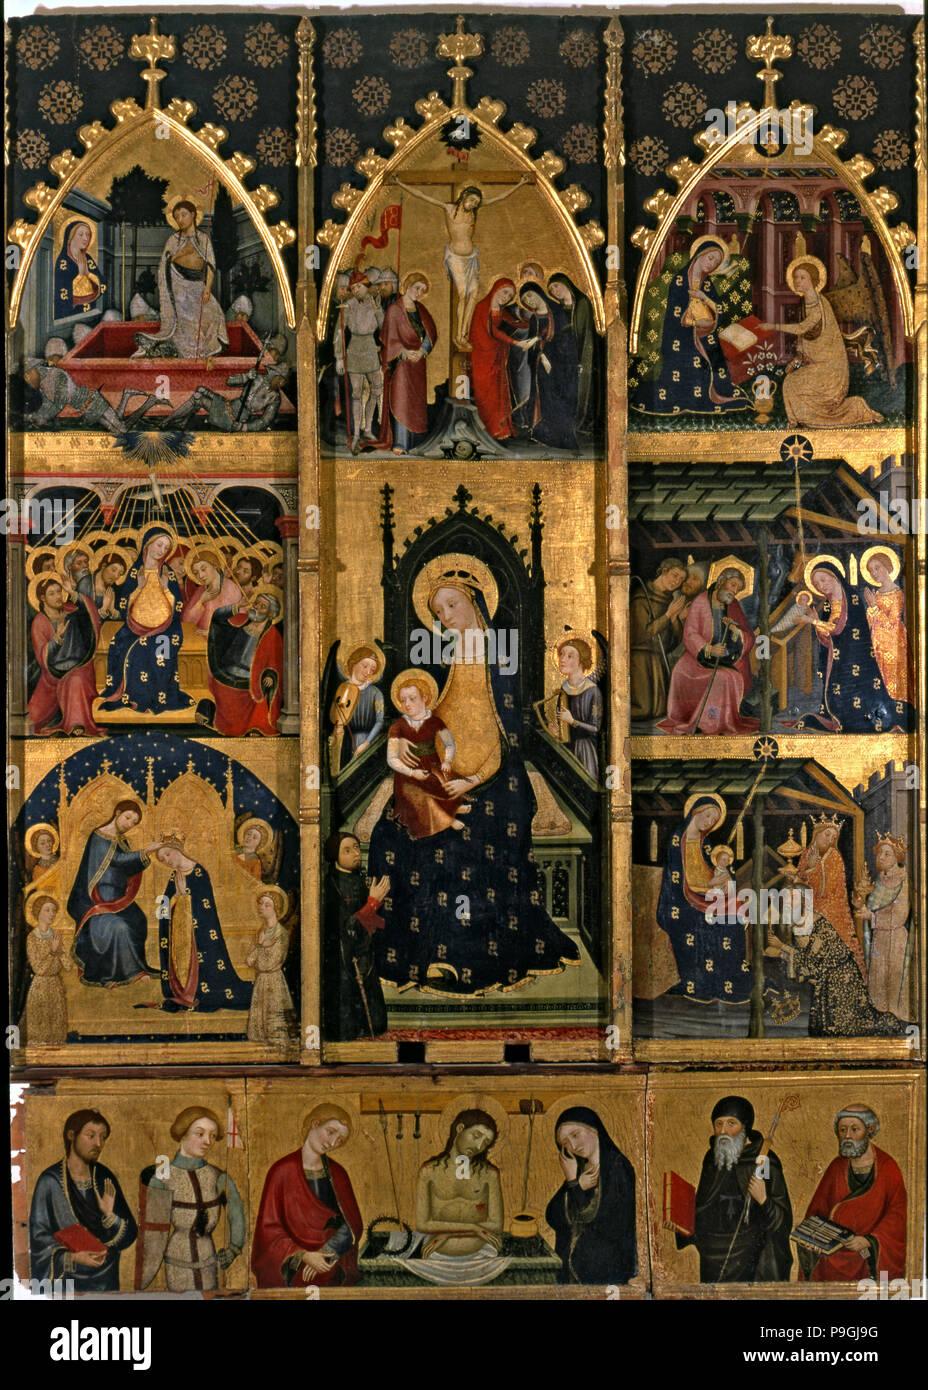 Retable de la Vierge de l'Abella de la Conca. Tempera sur bois, de l'église de Sant Esteve d… Banque D'Images